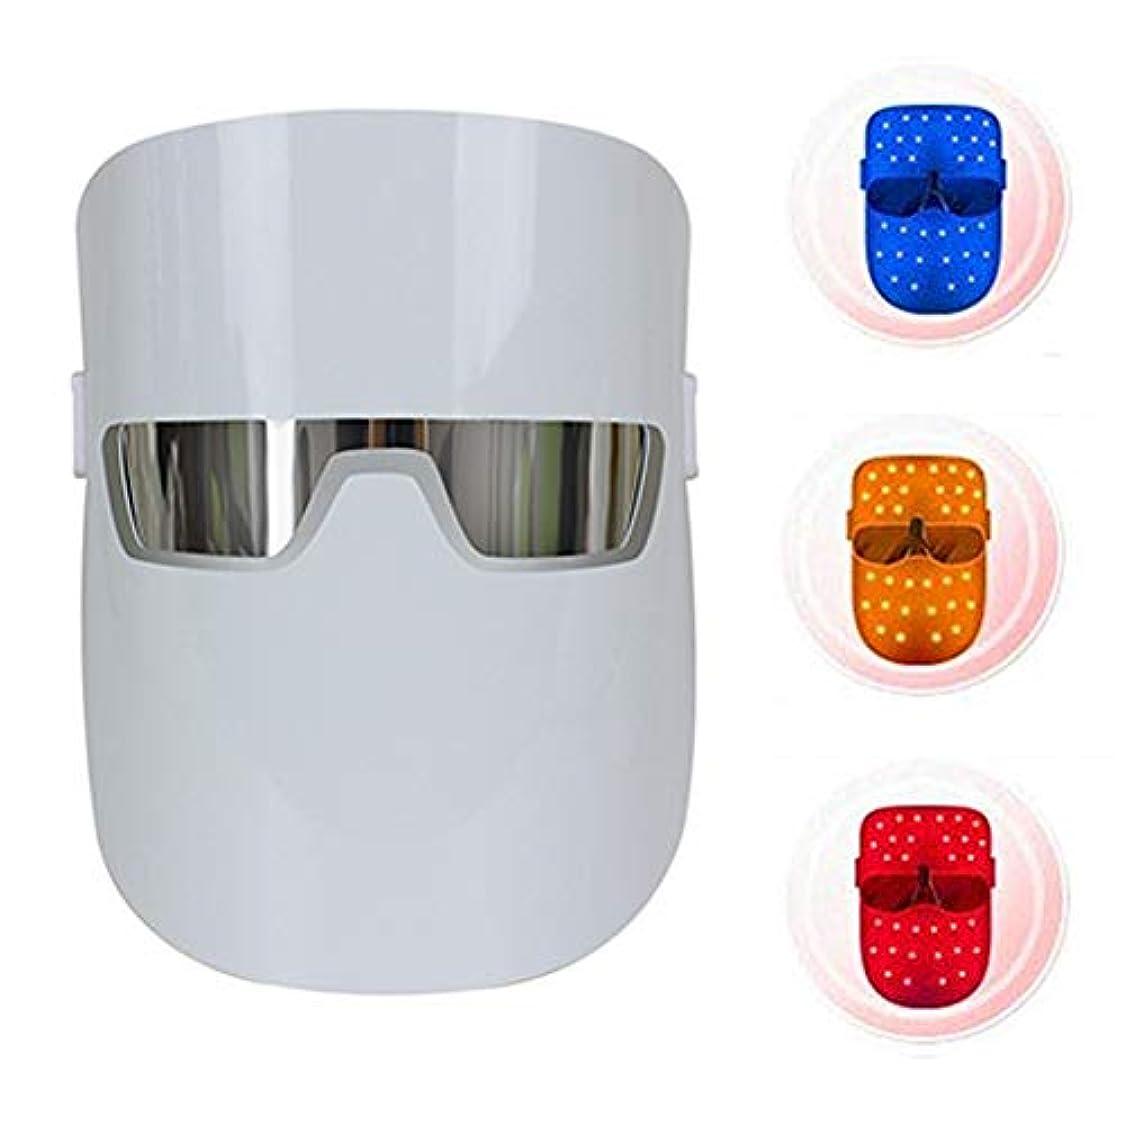 プラットフォームバナーバブル美容ライトセラピーフェイスマスク分光器の肌の若返りセラピー明るくしわホワイトニングスキン,2